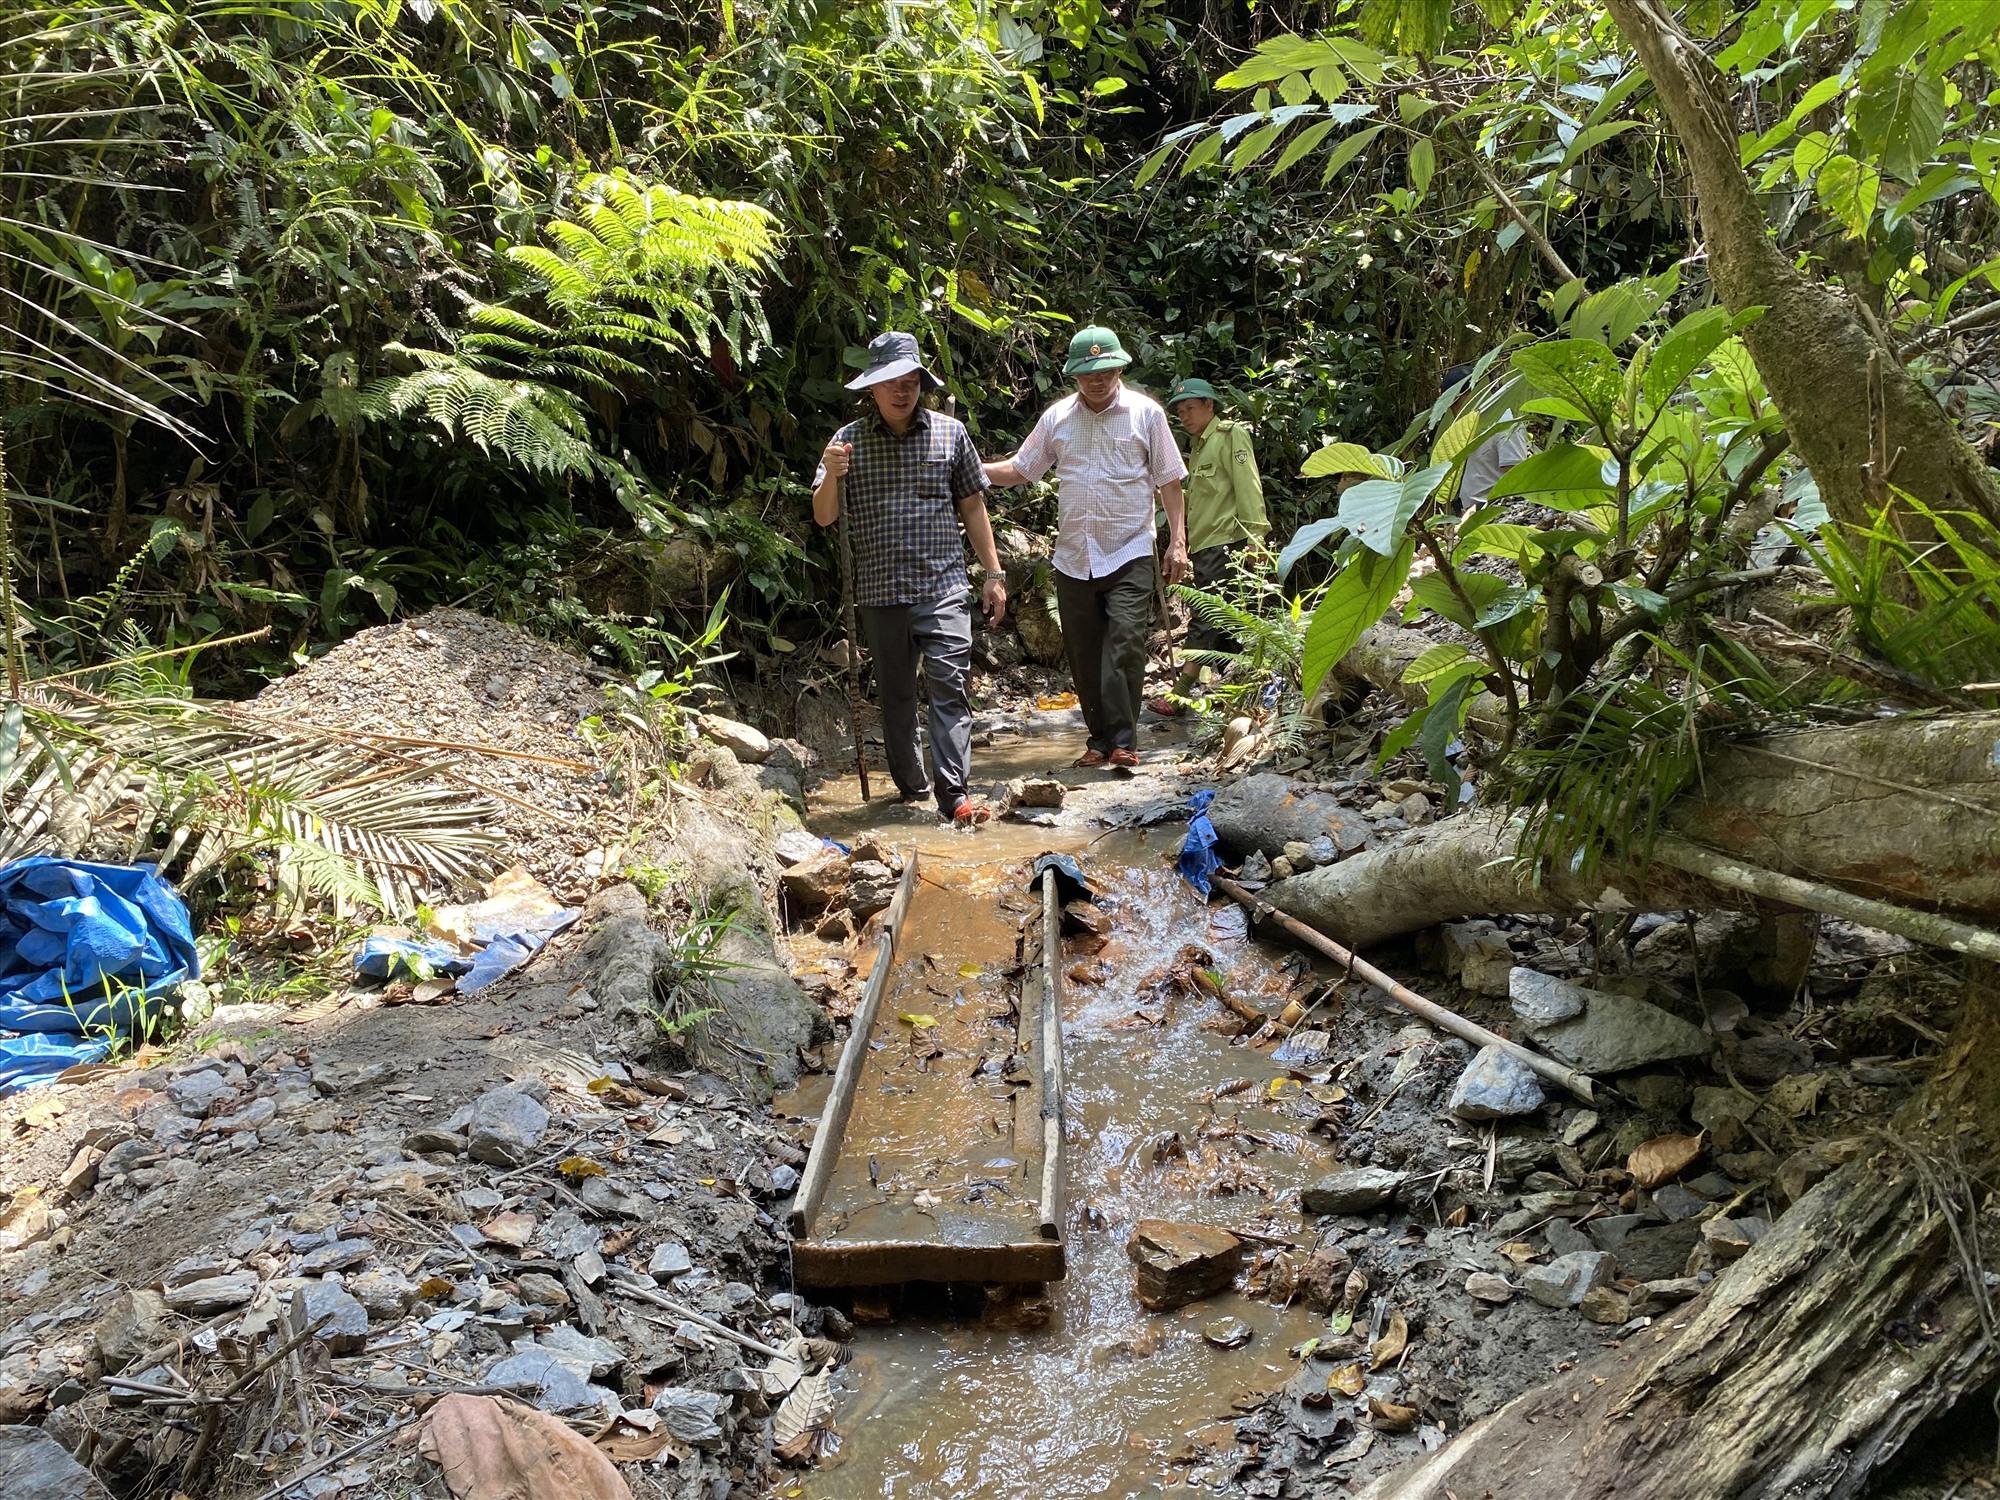 """Để truy quét """"vàng tặc"""" nằm sâu trong Vườn quốc gia Sông Thanh, lực lượng chức năng phải mật phục, băng cắt rừng hàng giờ đồng hồ."""